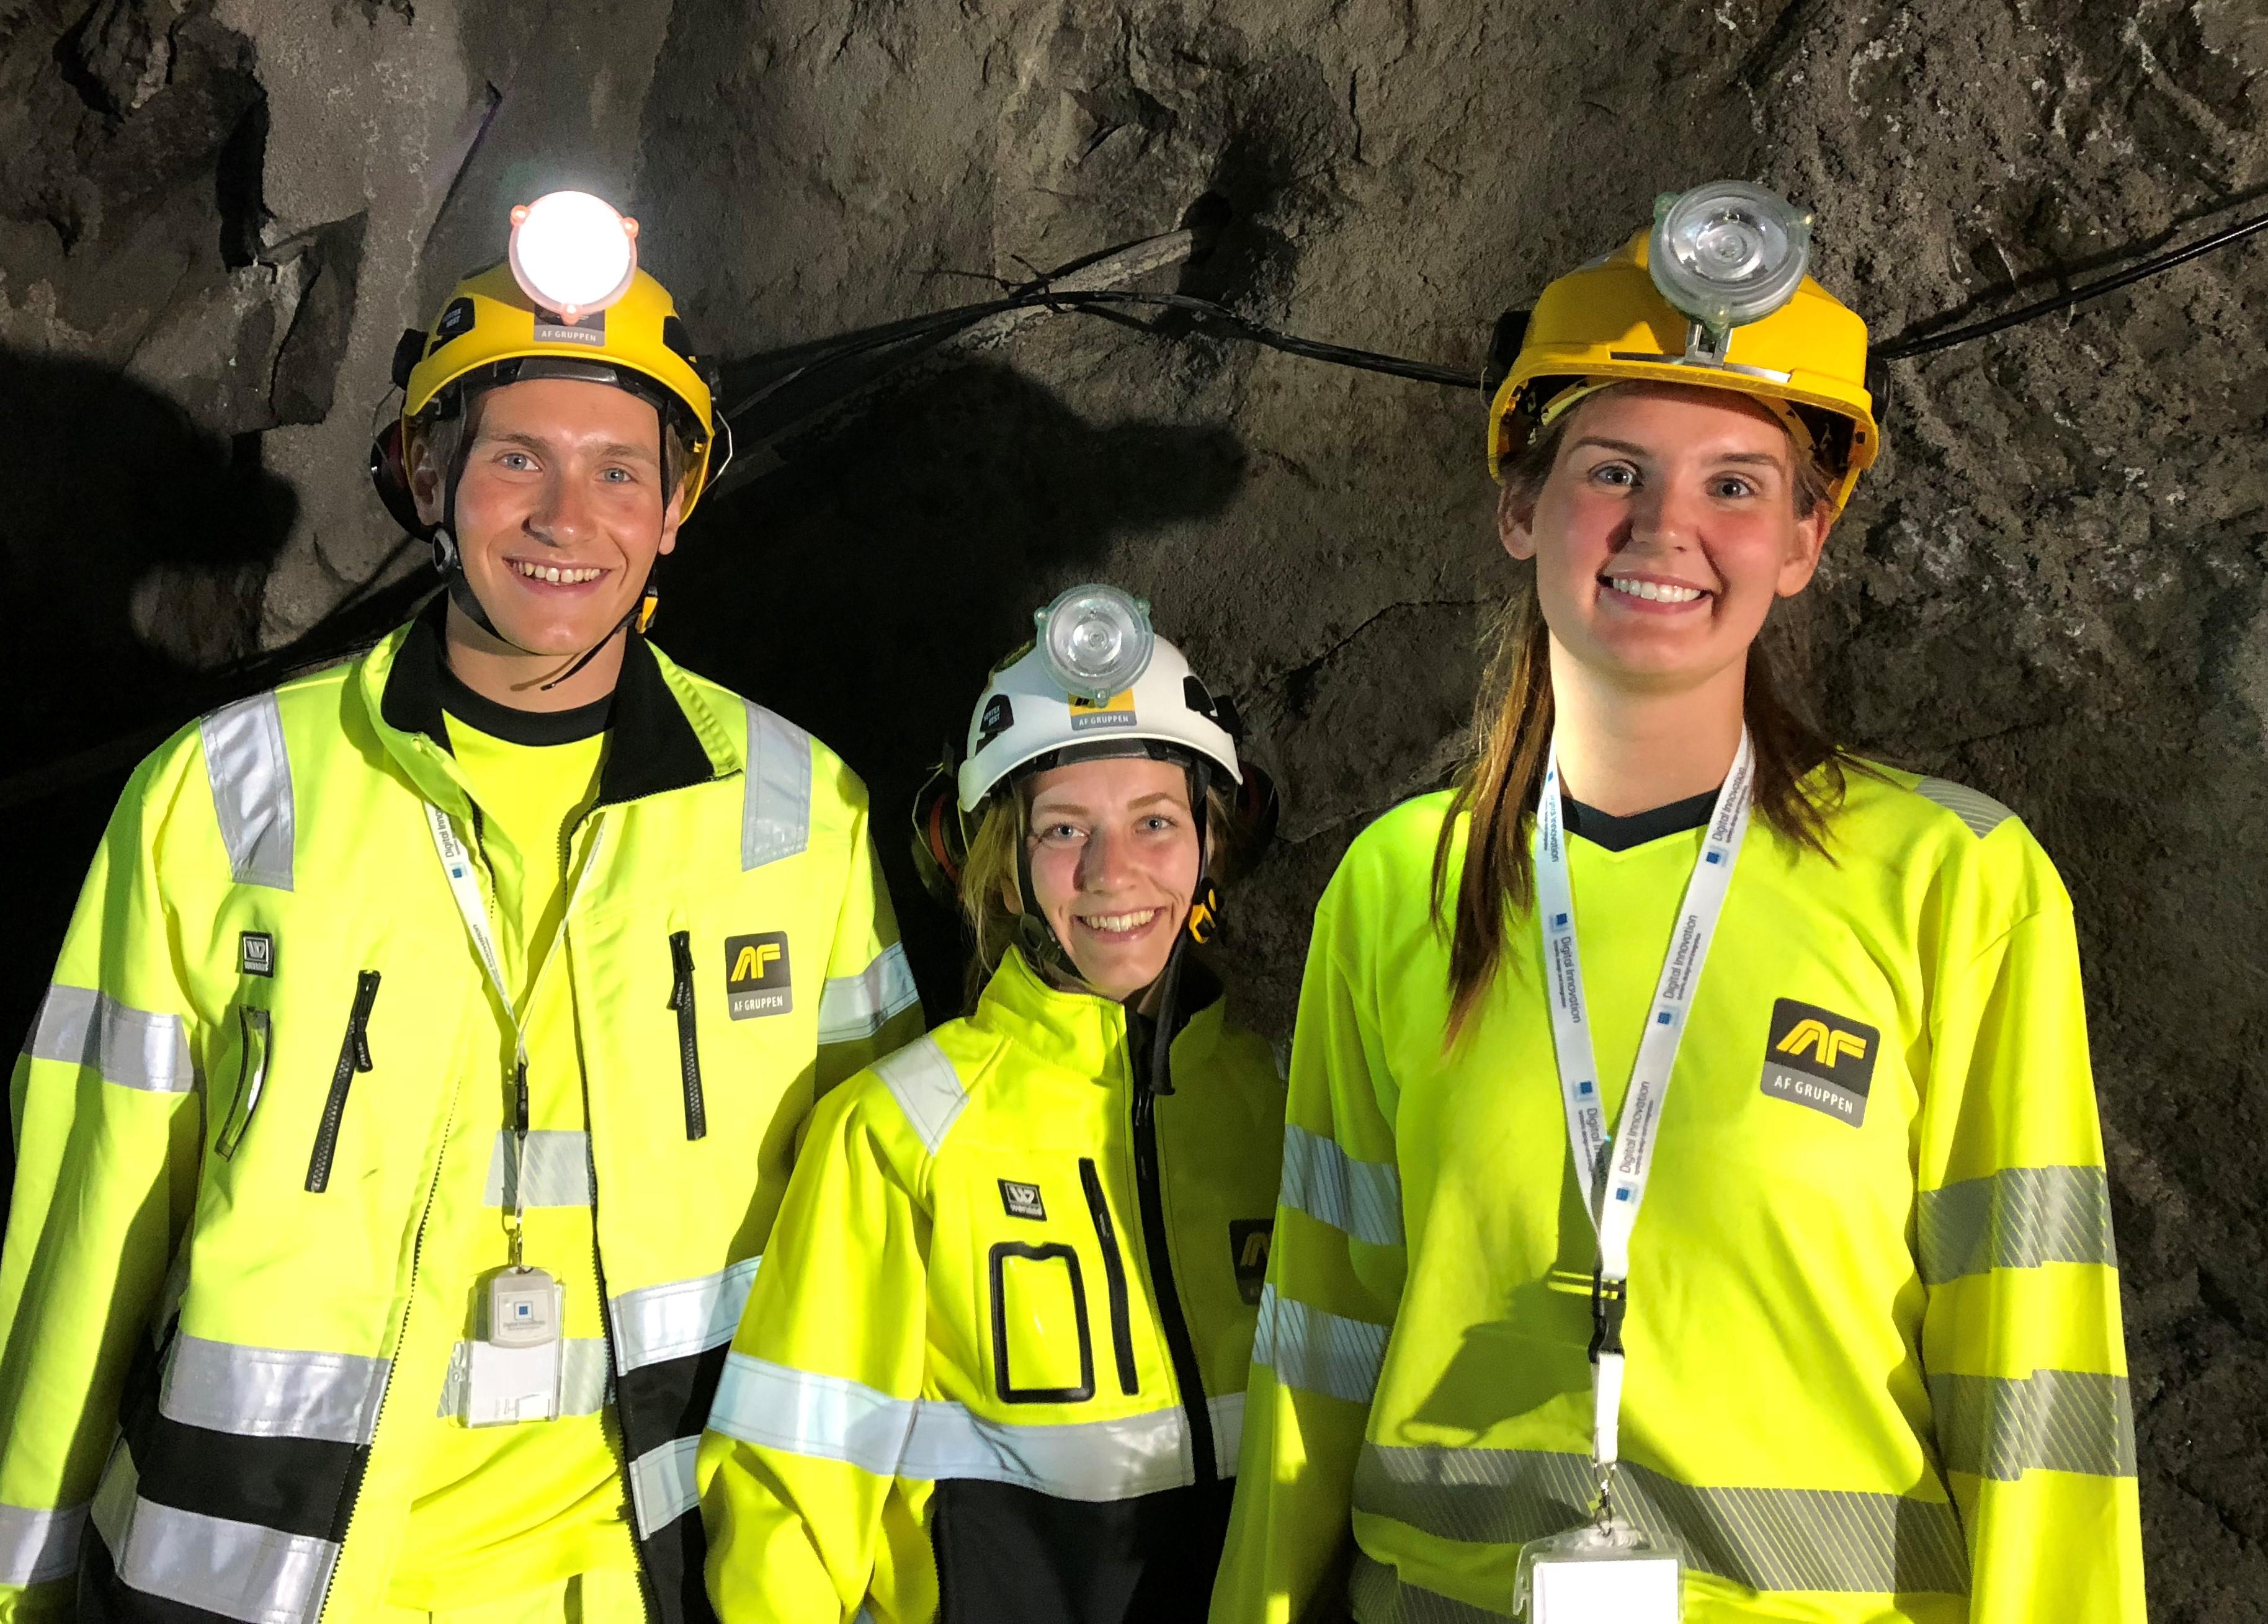 Ingeniørstudentene Haavard, Ann-Mari og Martine hadde sommerjobb på Follobanen D&R. – Relevant og lærerikt, oppsummerte de sommeren på jobb for AF.